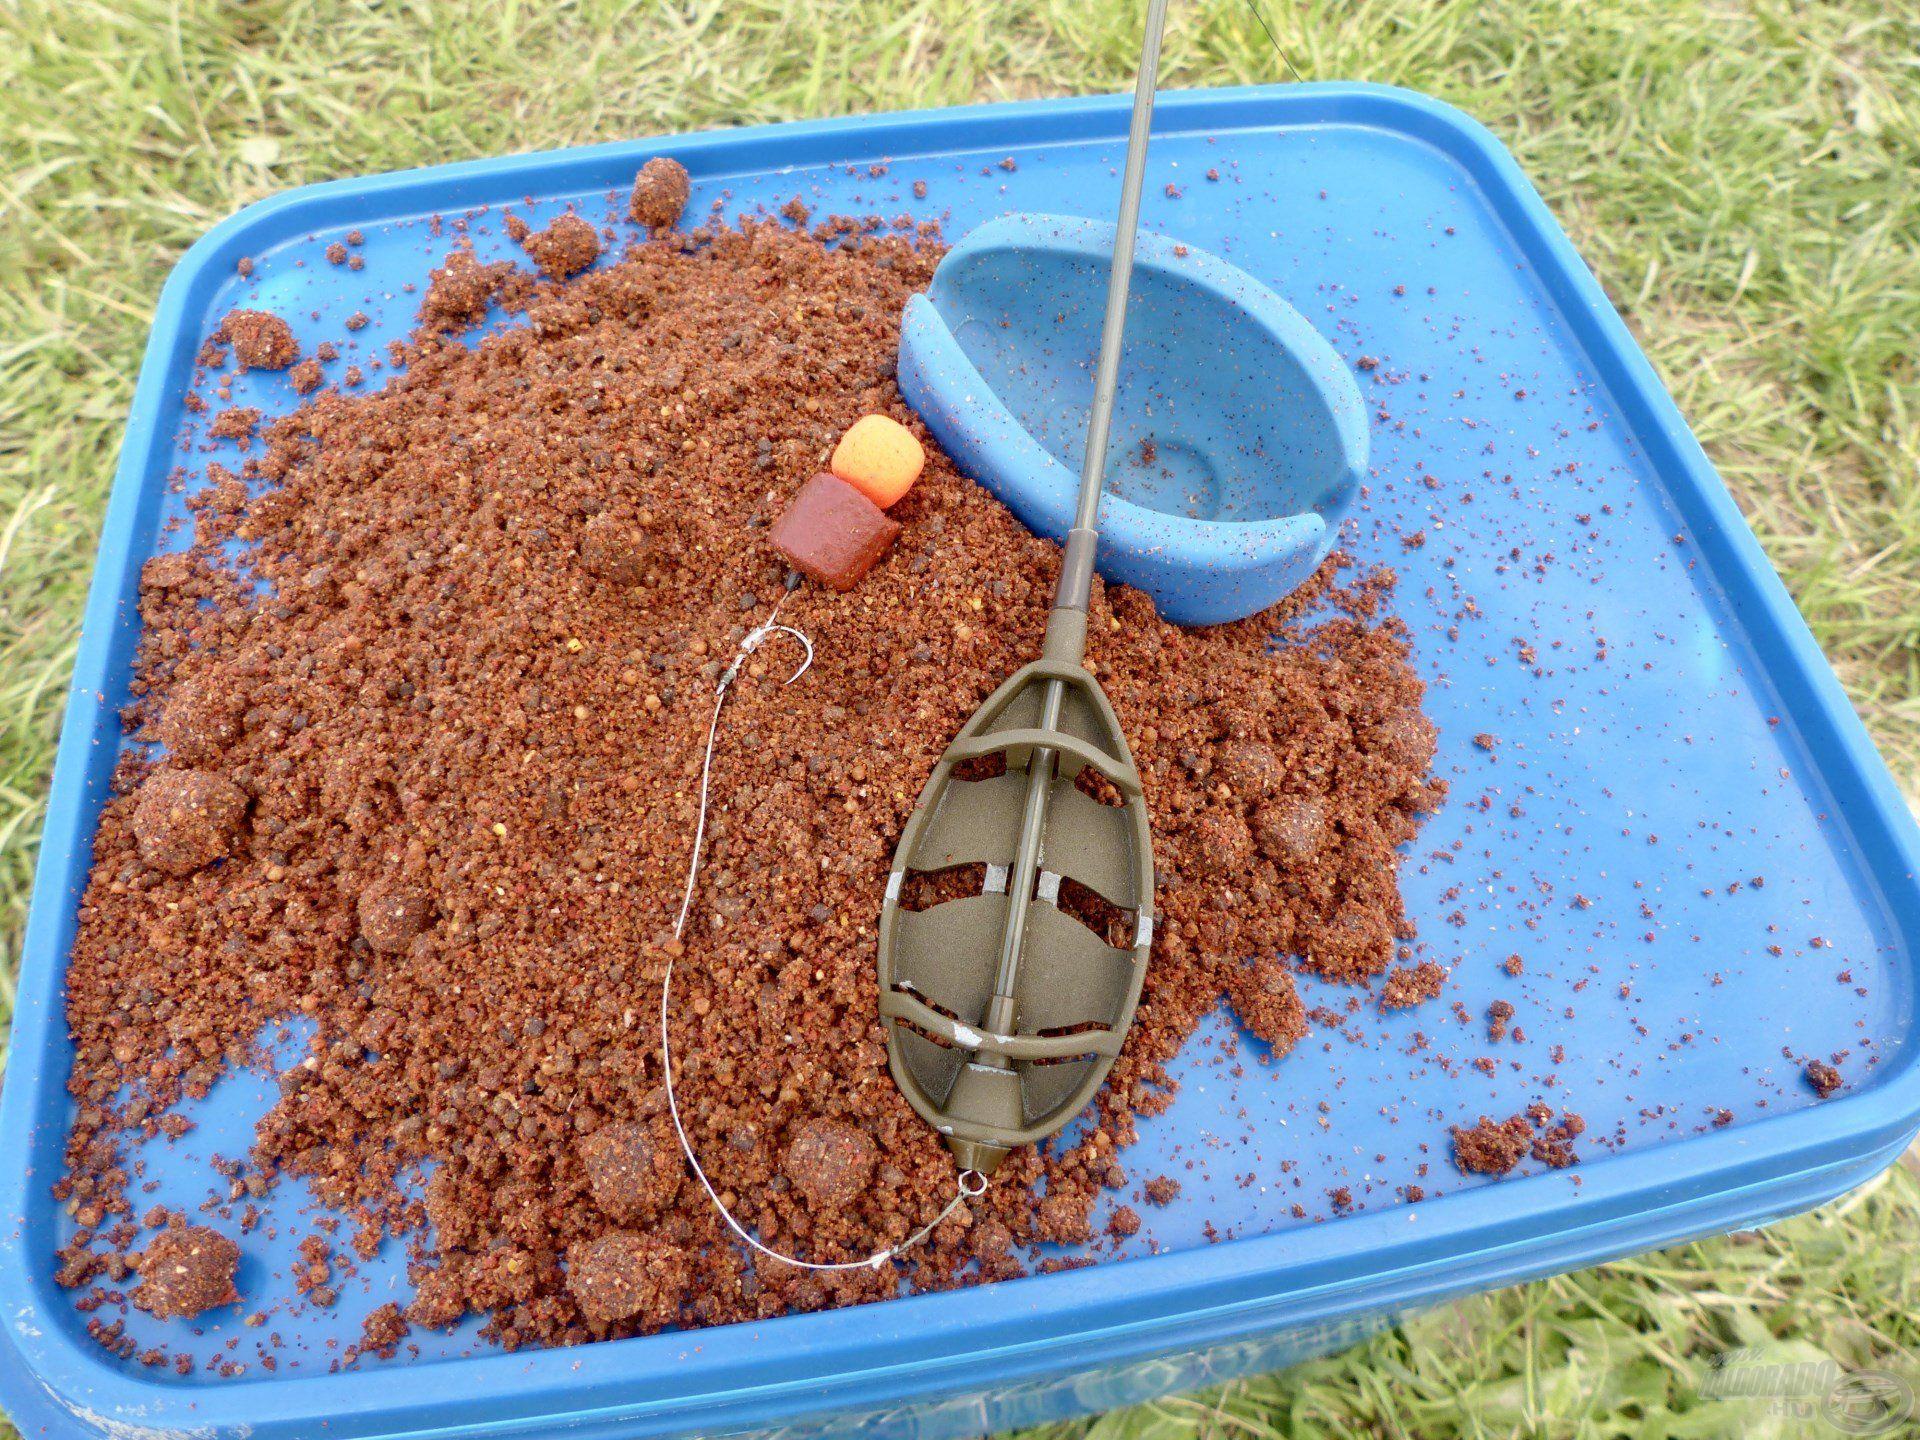 By Döme TEAM FEEDER Long Cast Method Feeder kosaras végszereléket használtam a horgászat során